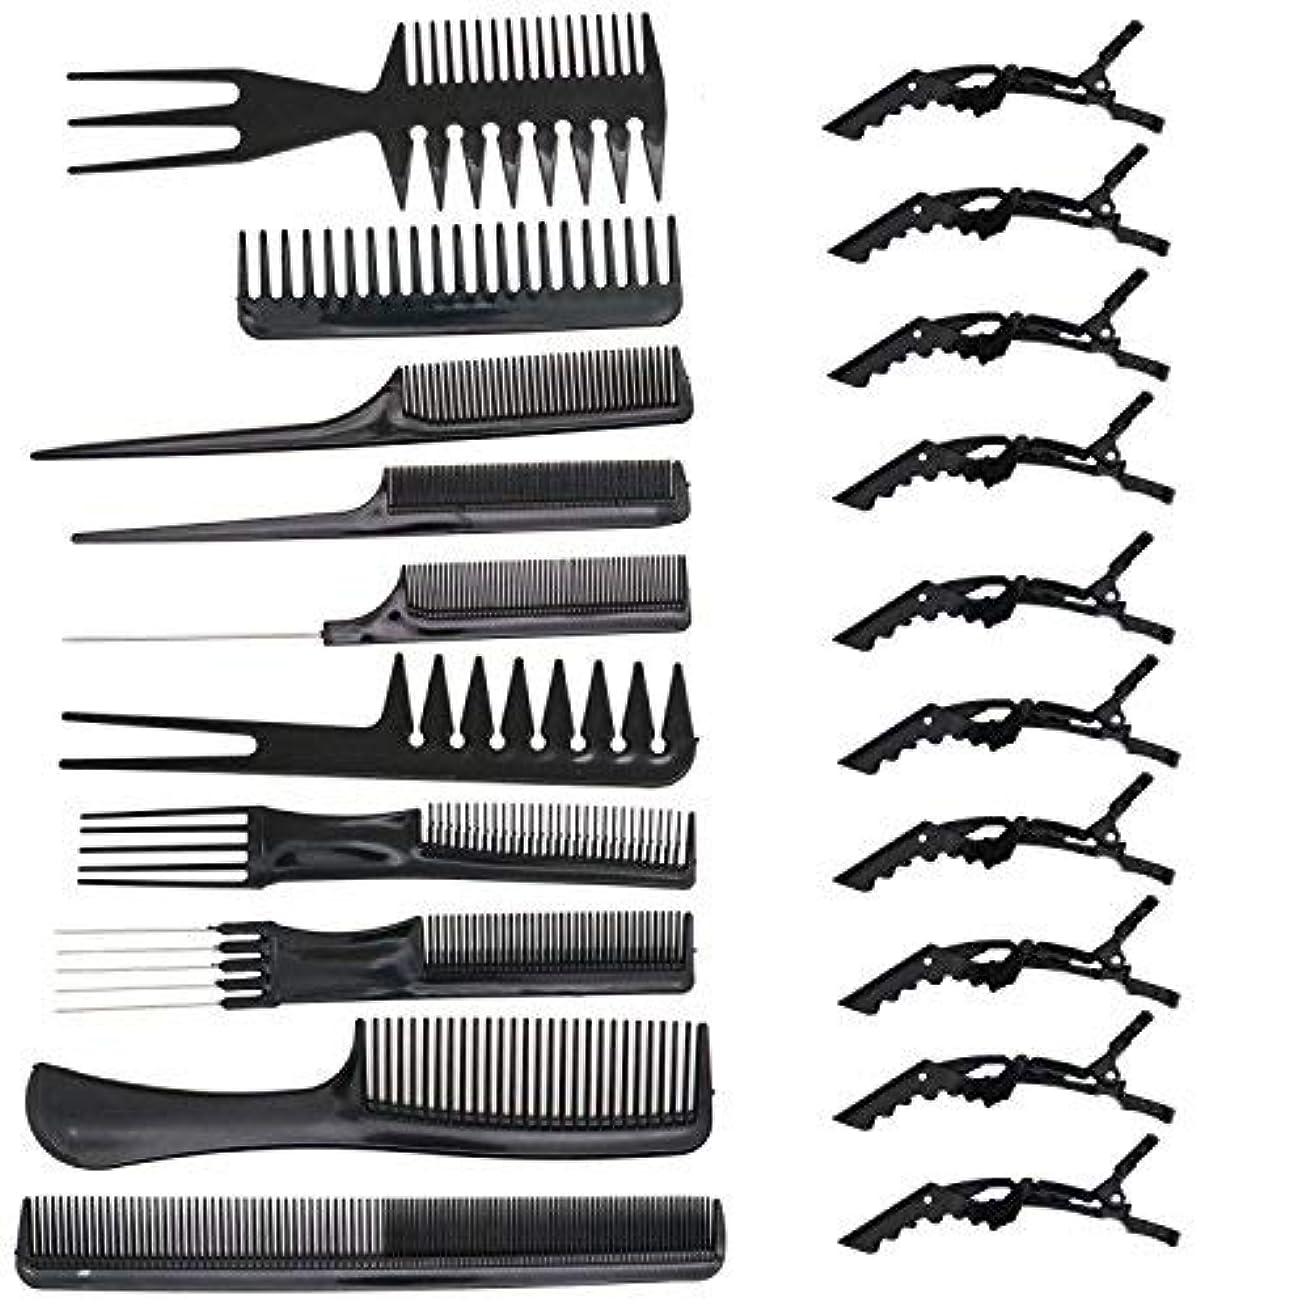 プロフィール虐待敬なHUELE 10 Pcs Professional Hair Styling Comb with Styling Clips Hair Salon Styling Barbers Set Kit [並行輸入品]